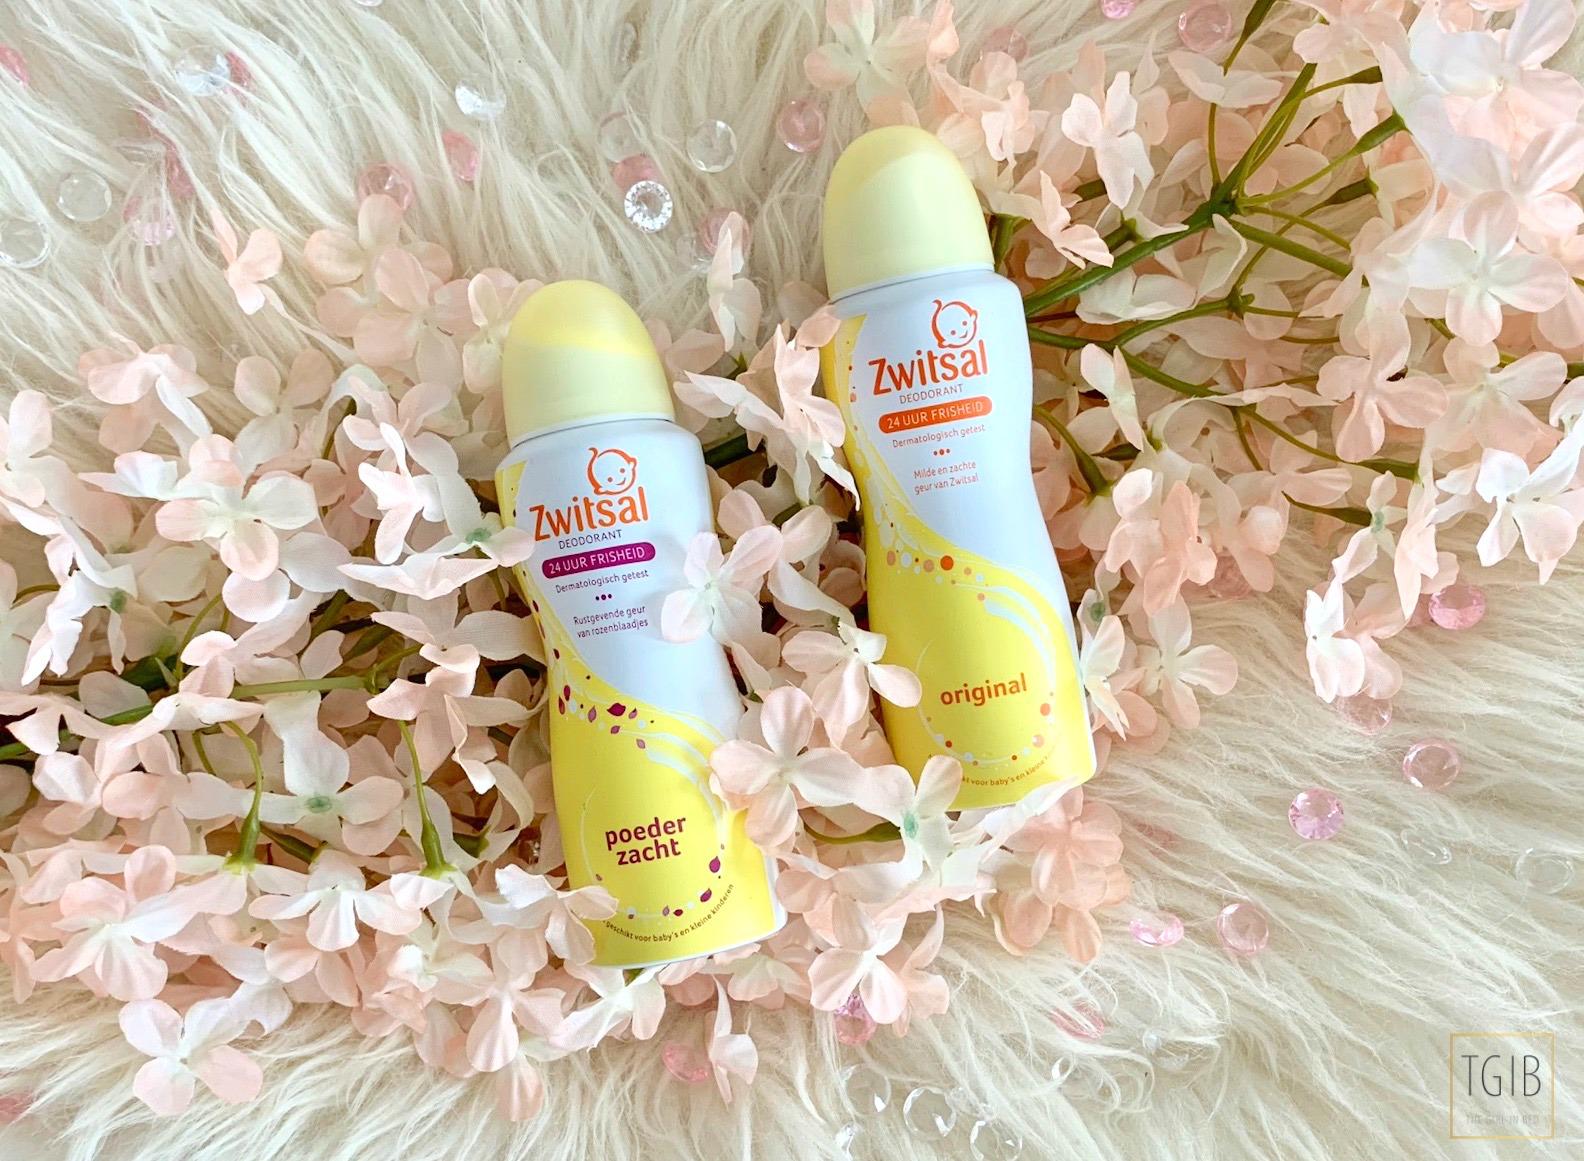 eerste indruk Zwitsal deodorant review